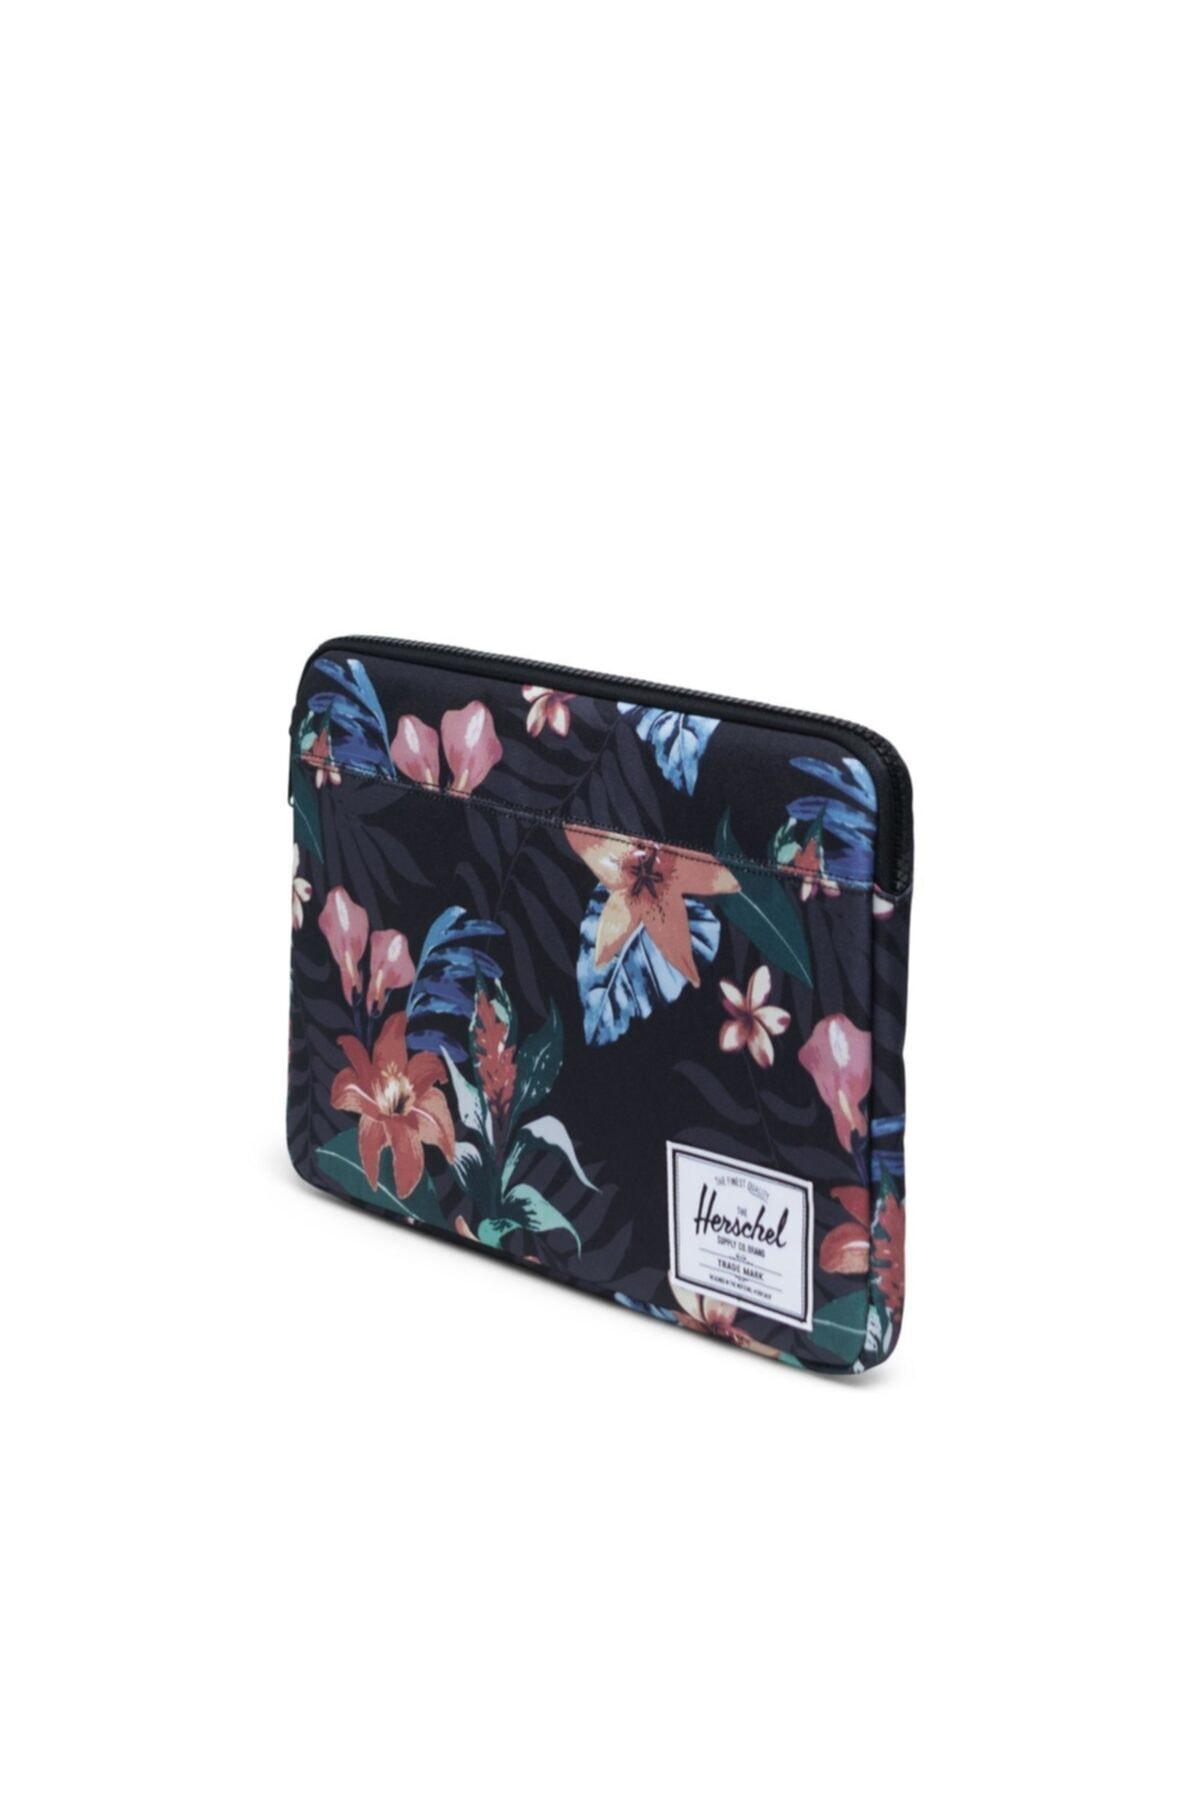 Herschel Supply Co. Herschel Supply Laptop Kılıfı Anchor Sleeve For 15 Inch Macbook Summer Floral Black 2